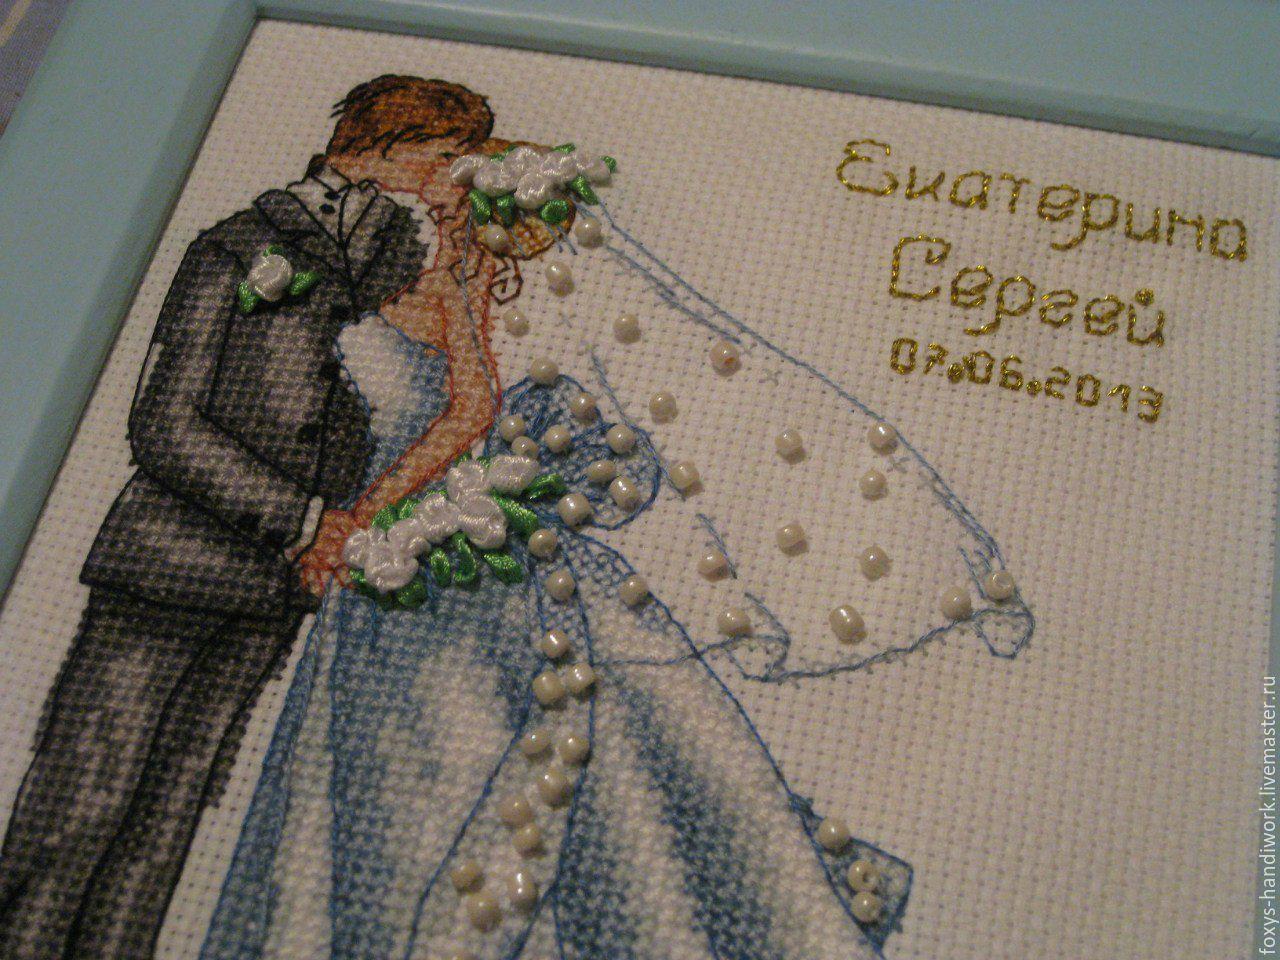 """Свадебная метрика """"Свадебный поцелуй"""" (вышивка: крест, ленты, бисер), Подарки, Тула,  Фото №1"""